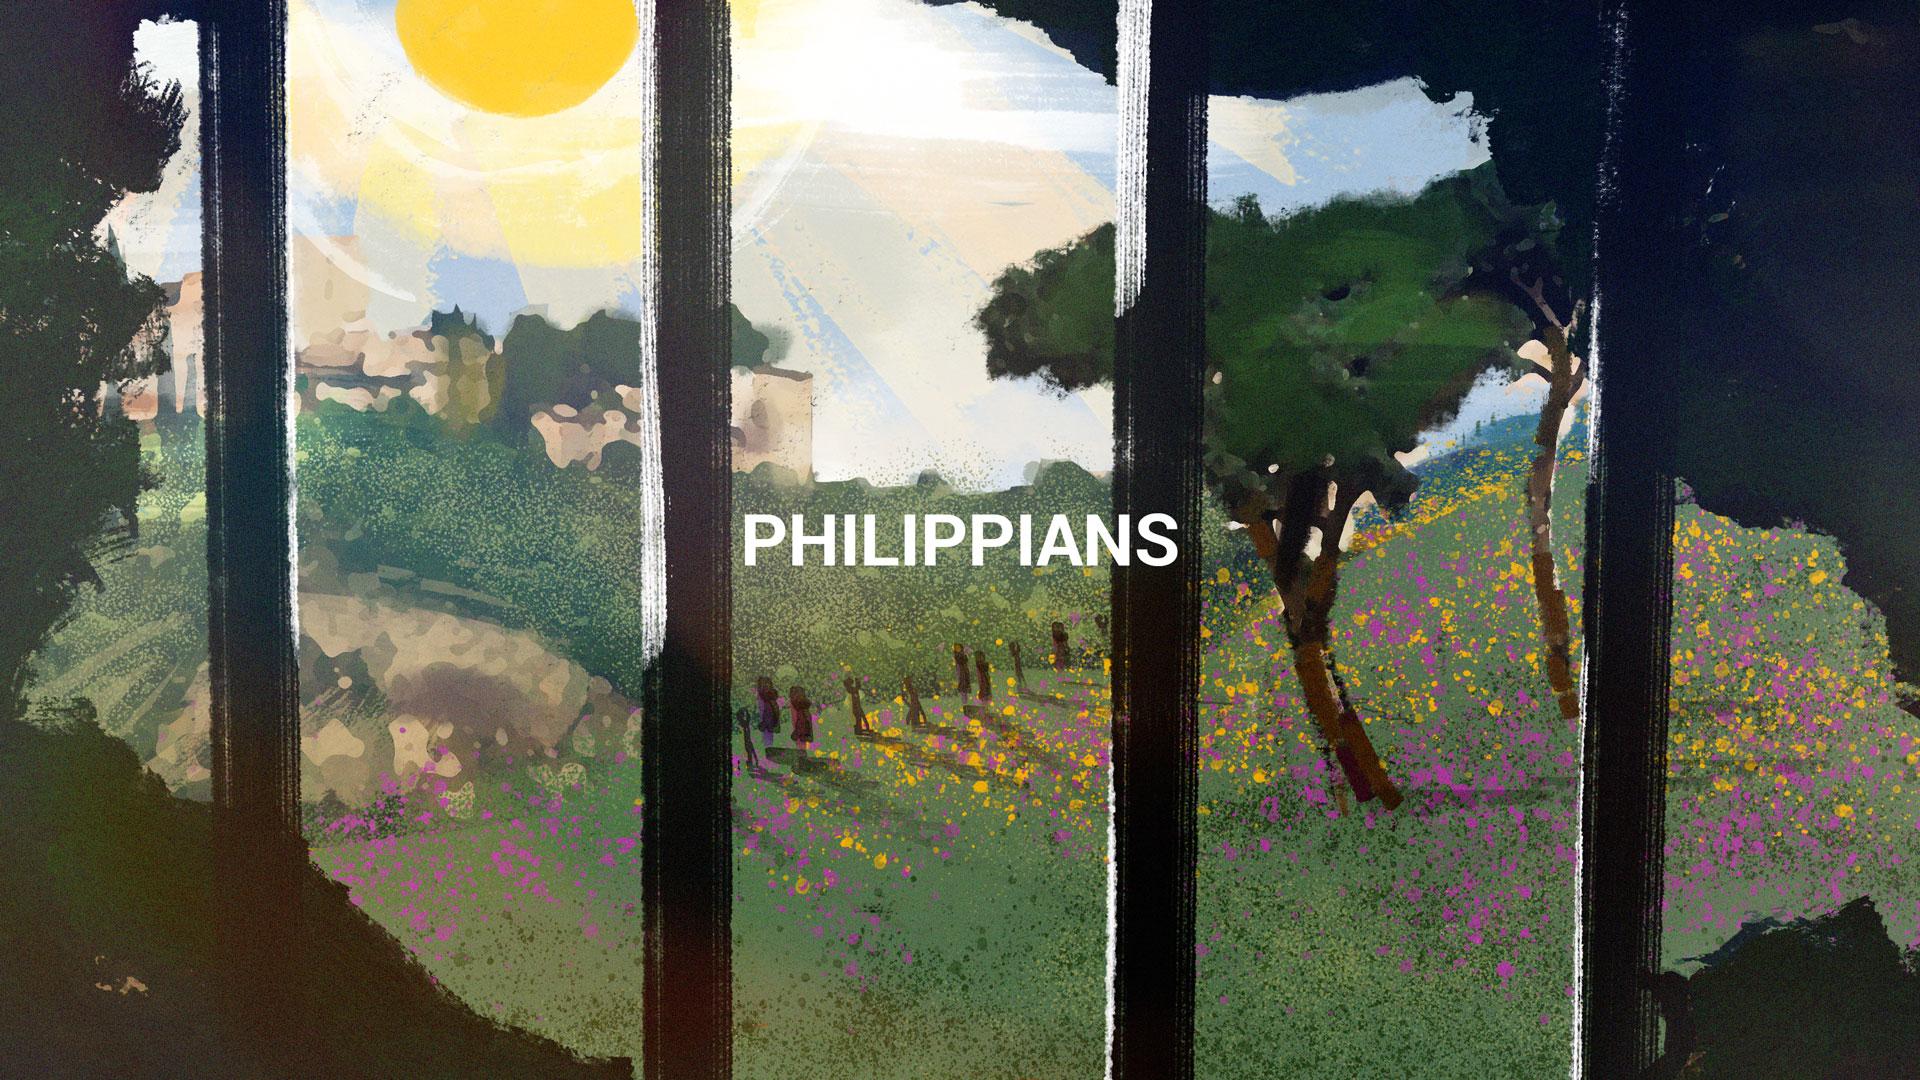 phillipians_1_main.jpg